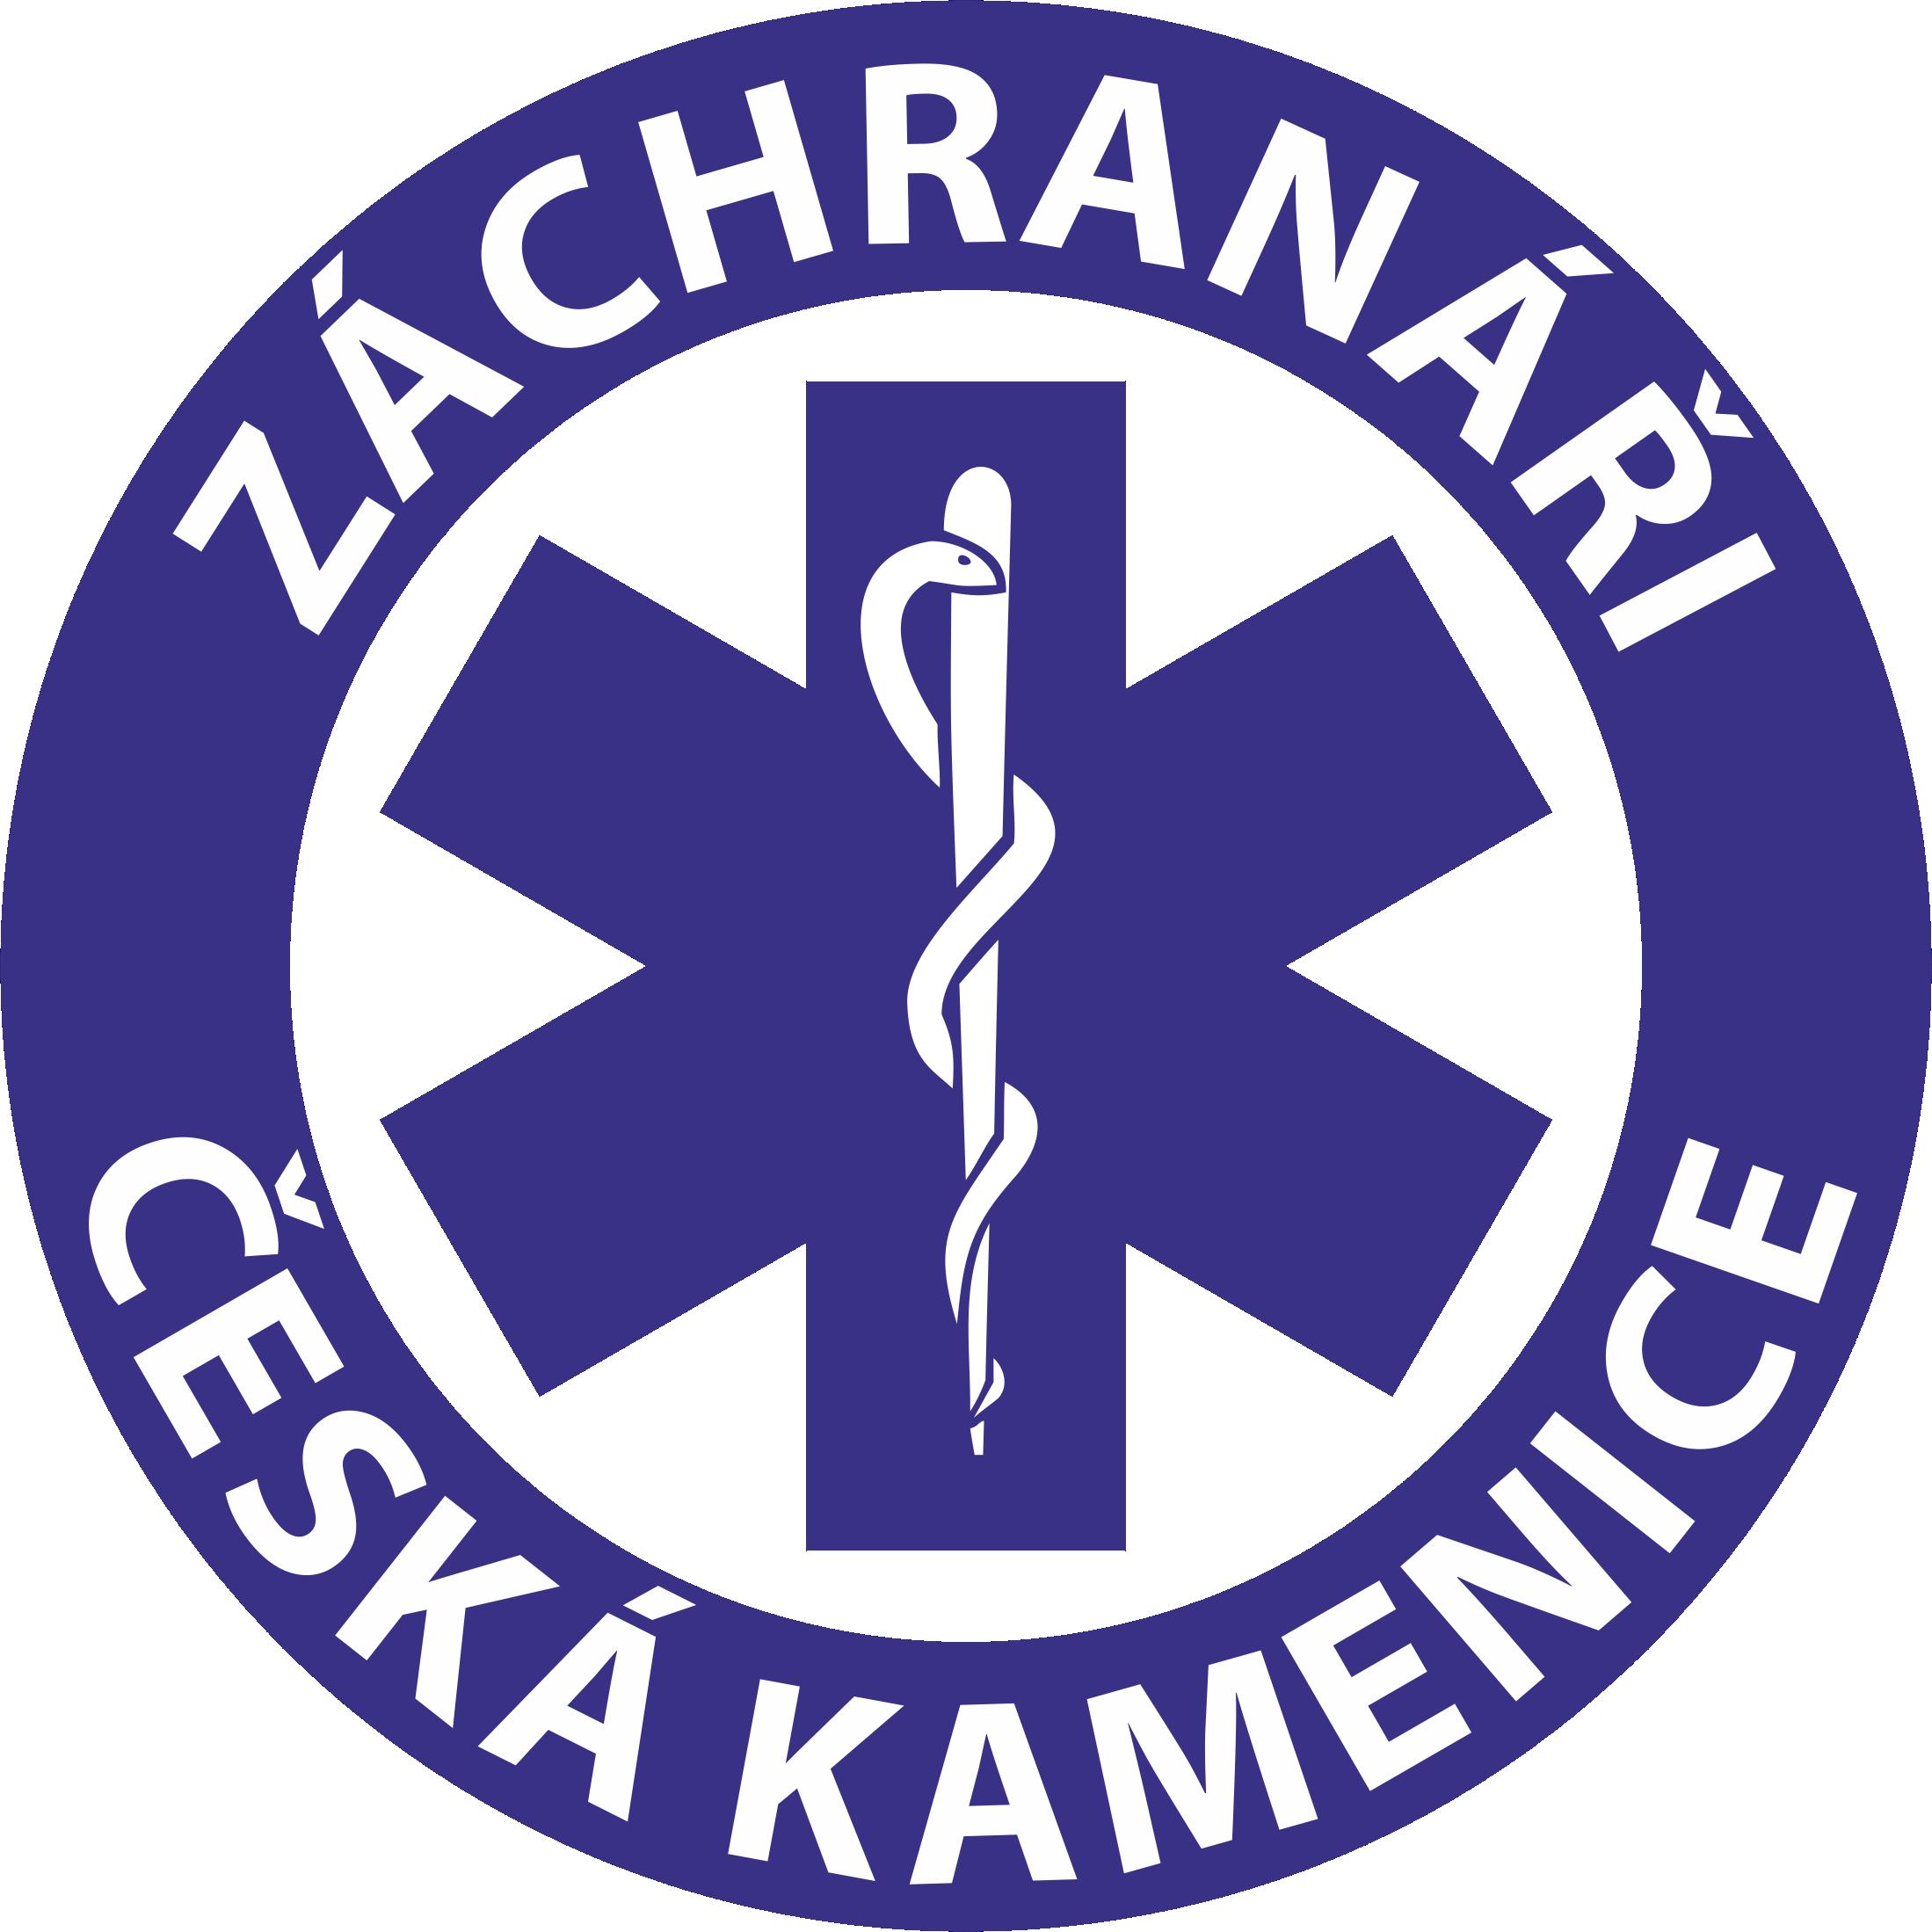 Záchranáři Česká Kamenice, z. s.